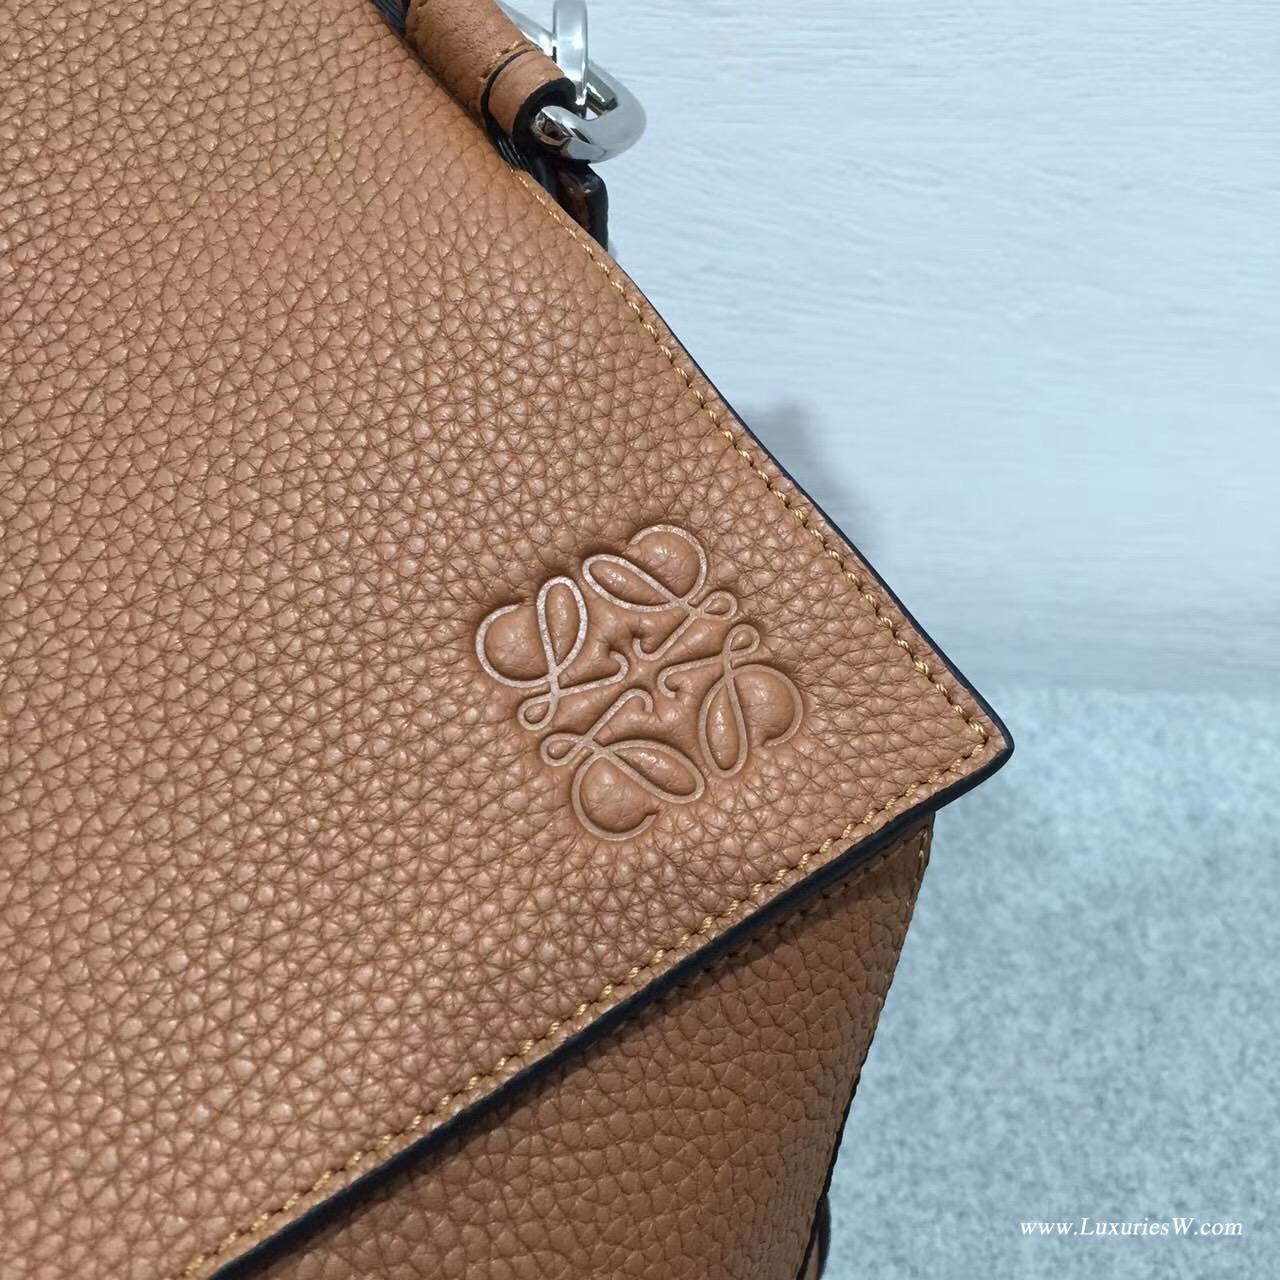 羅意威女包 Loewe Puzzle bag 系列 棕色 togo 牛皮 特大號無手柄幾何拼圖包